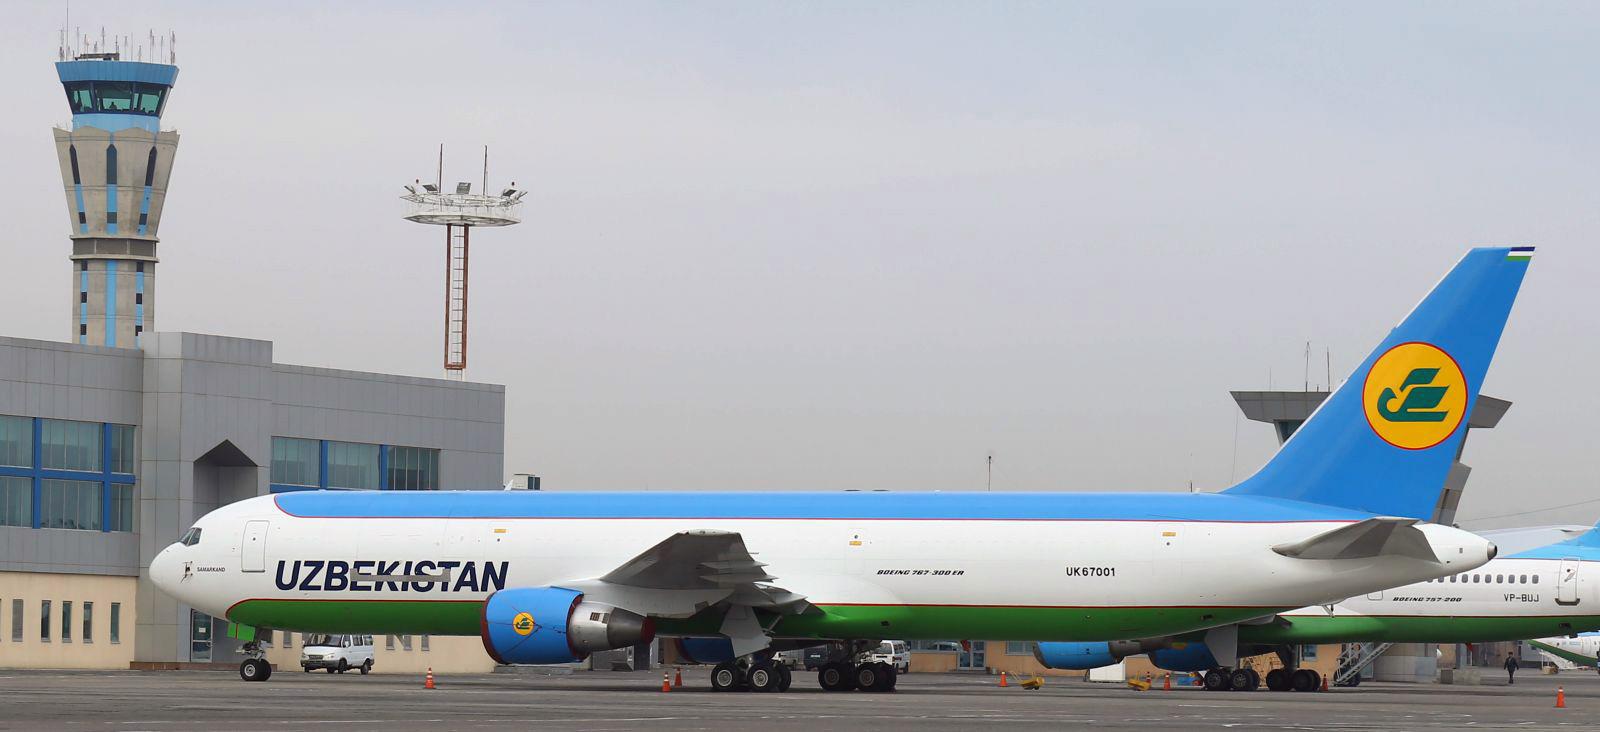 Доставка грузов в/из Узбекистана